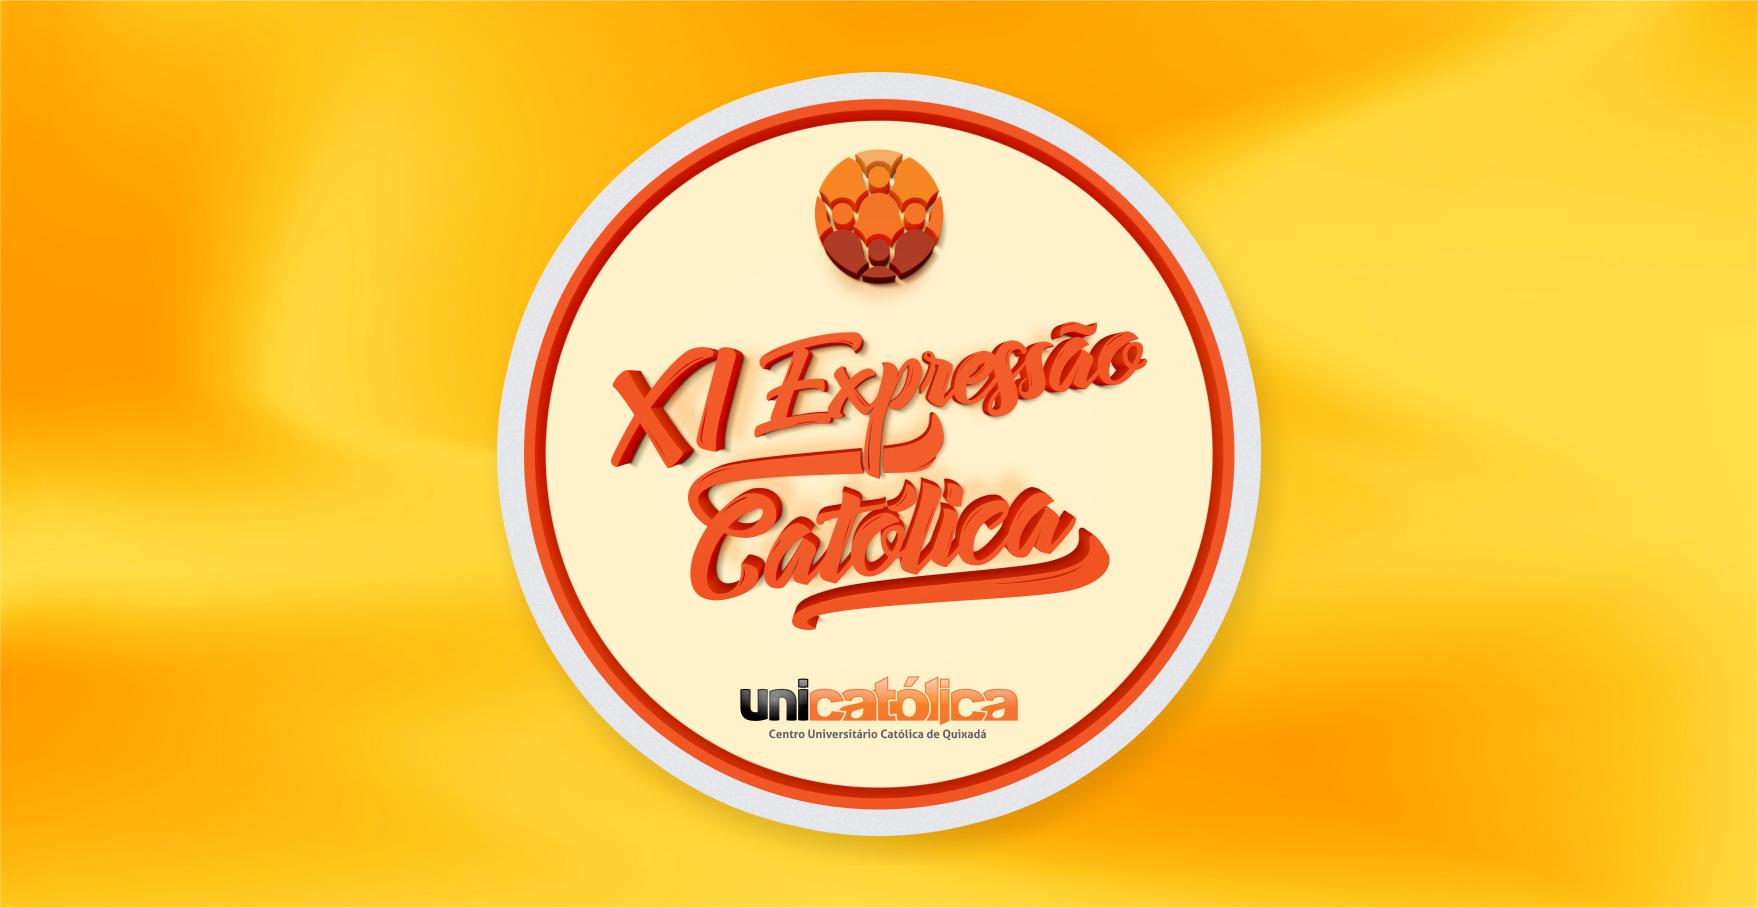 UNICATÓLICA promove abertura do XI Expressão Católica